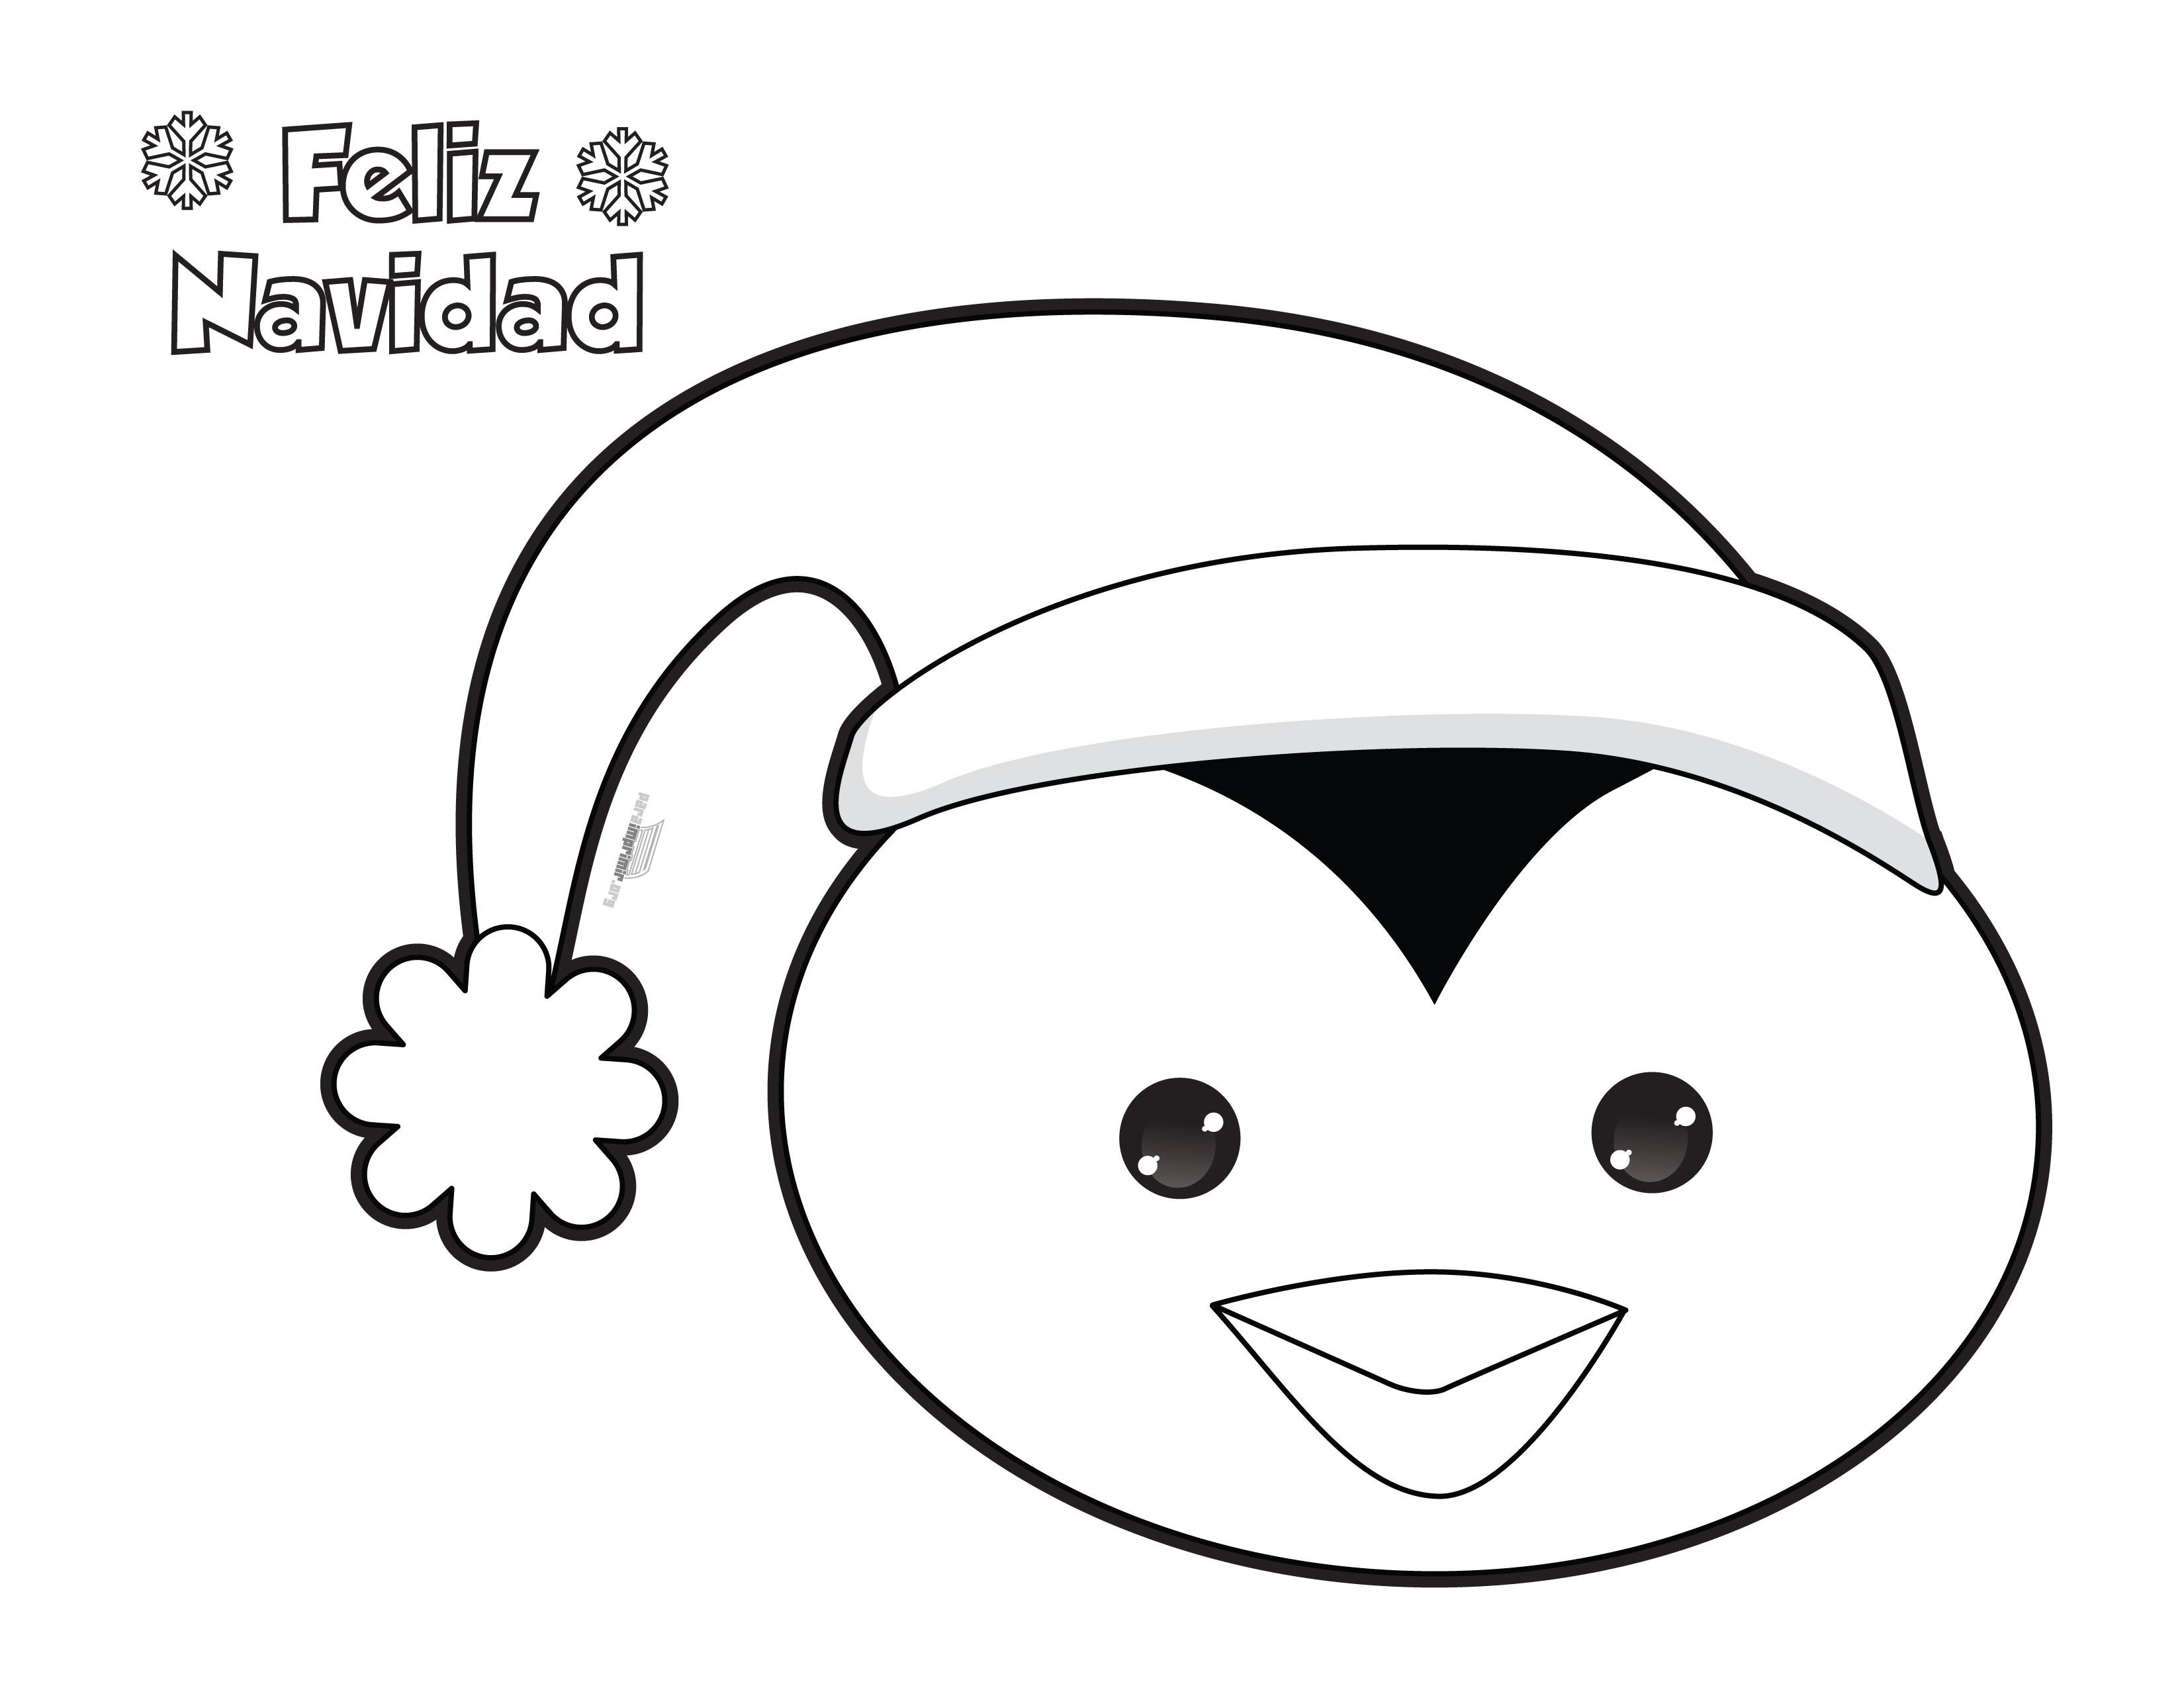 Dibujo de navidad de pinguino para colorear y para imprimir